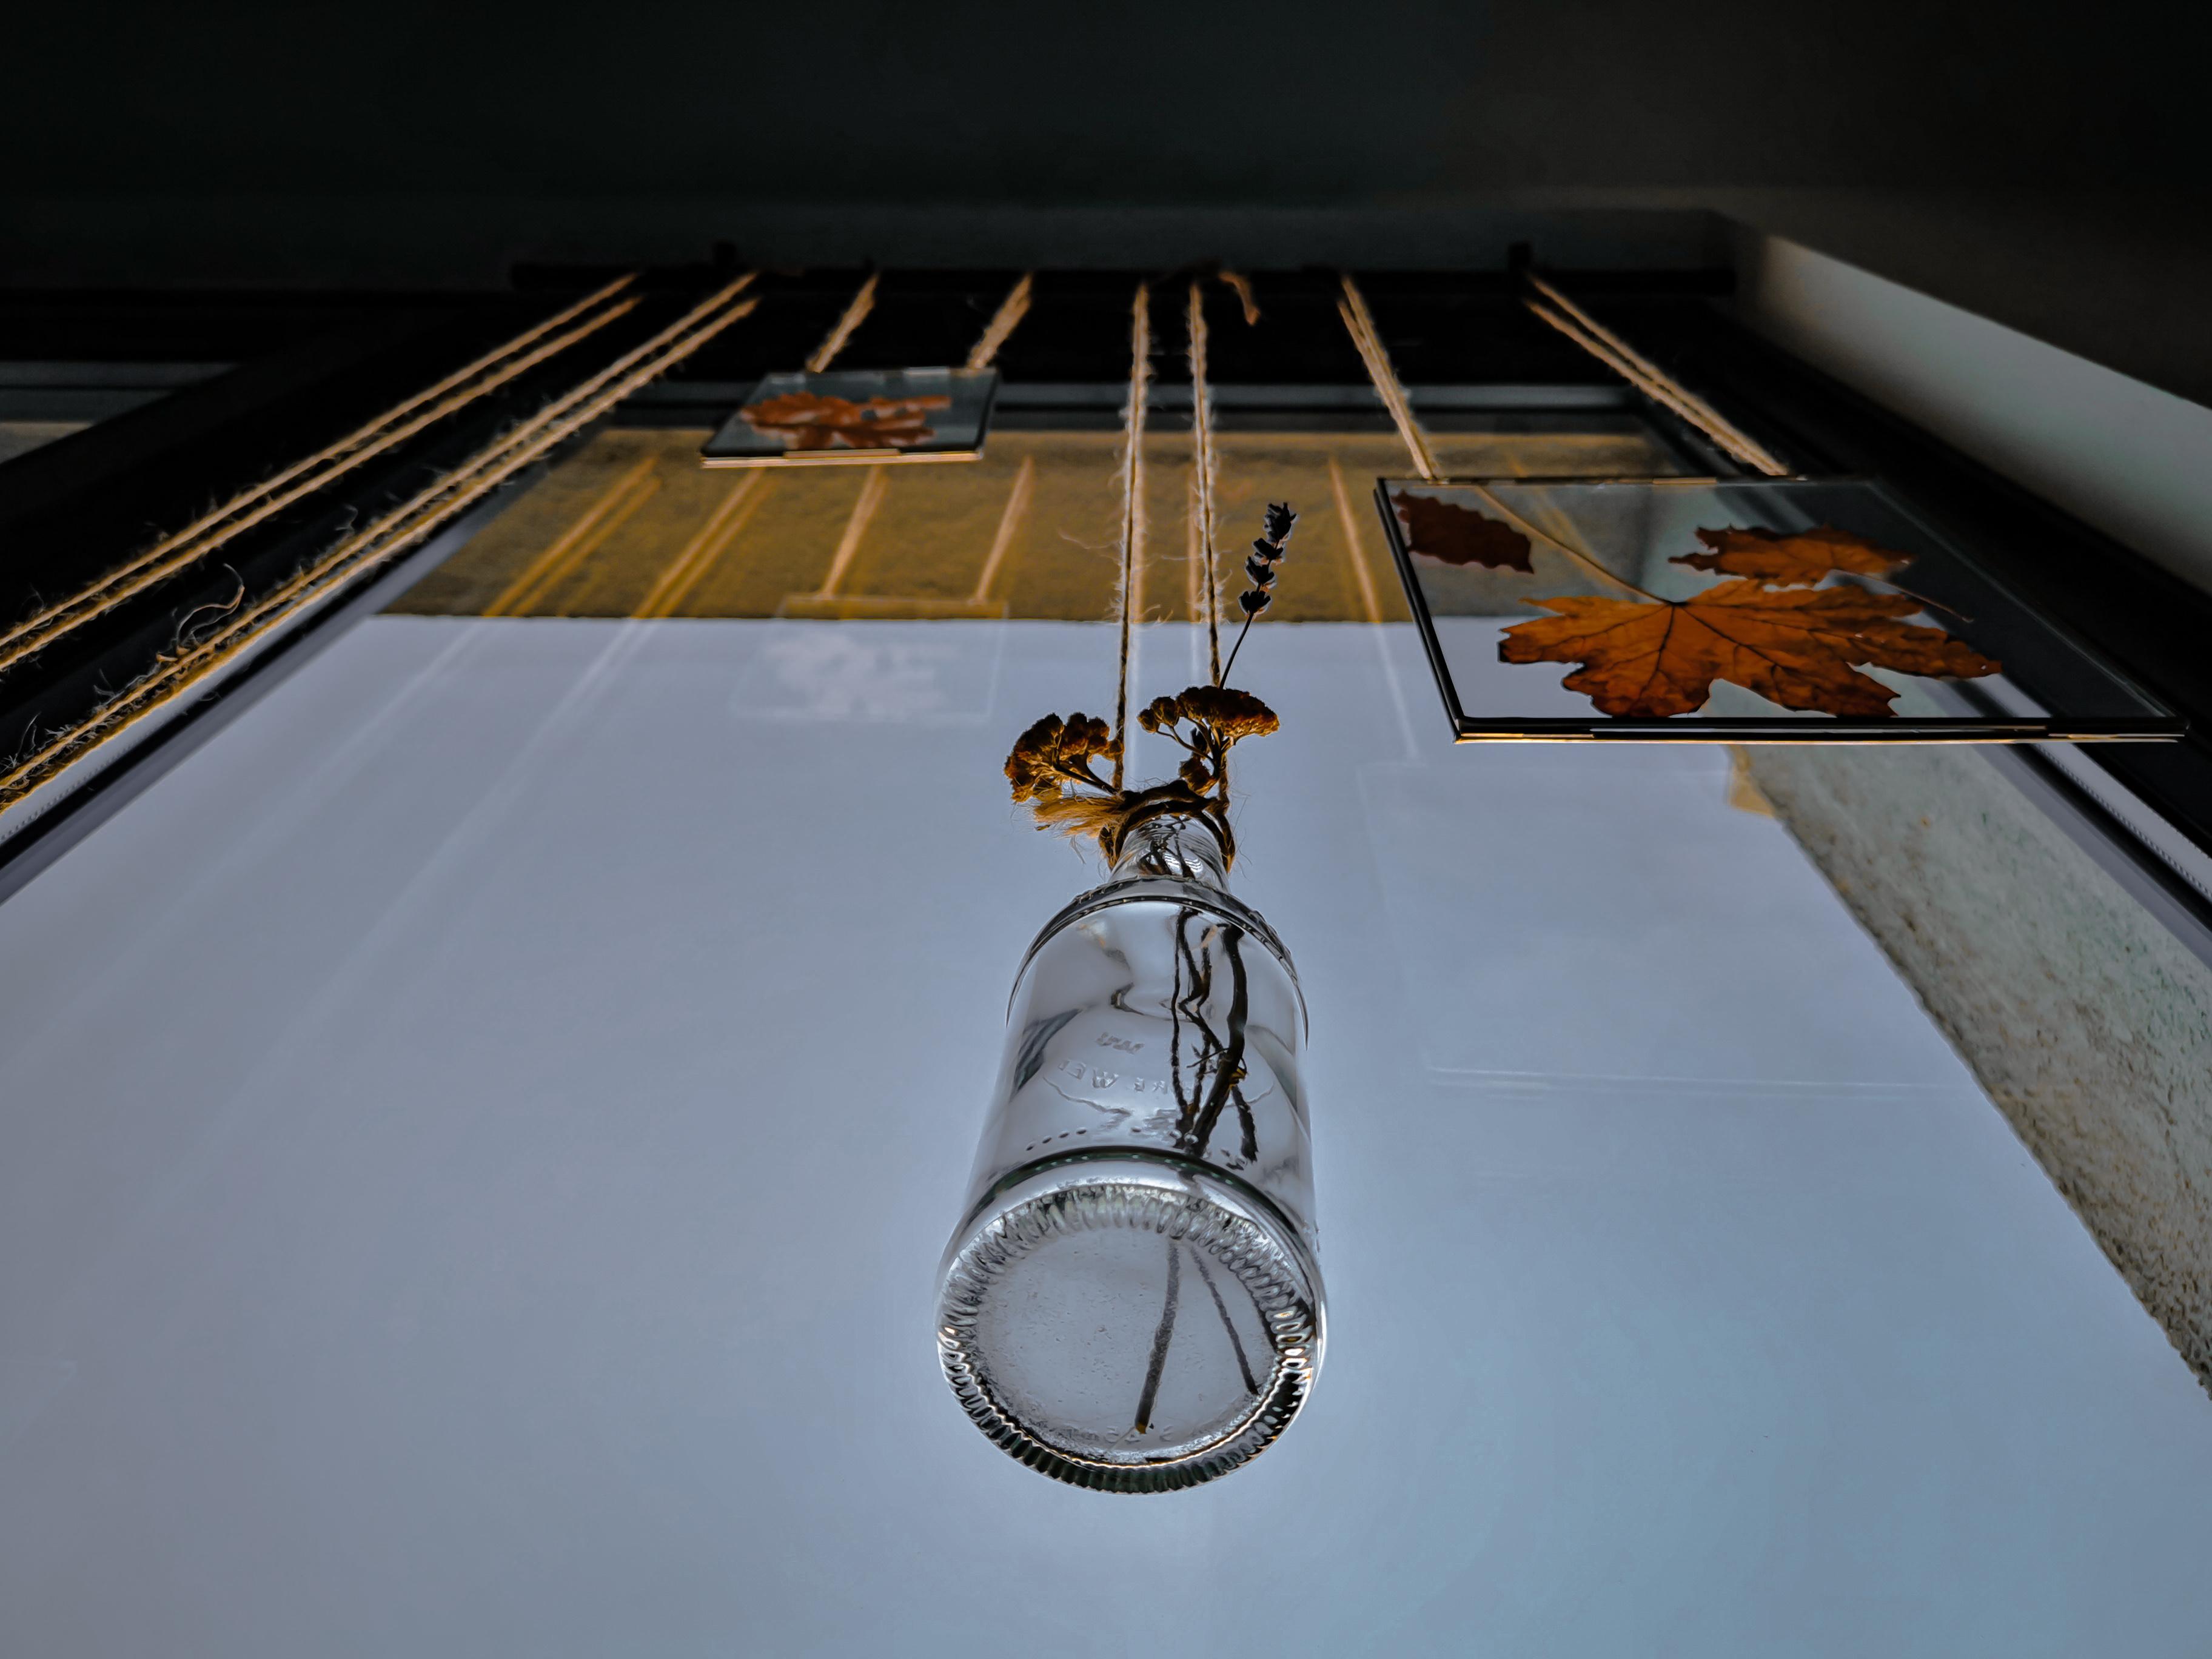 IMG 20200208 154009 1 - Projekt Vorzimmer: 11 DIY-Ideen an einem Ort